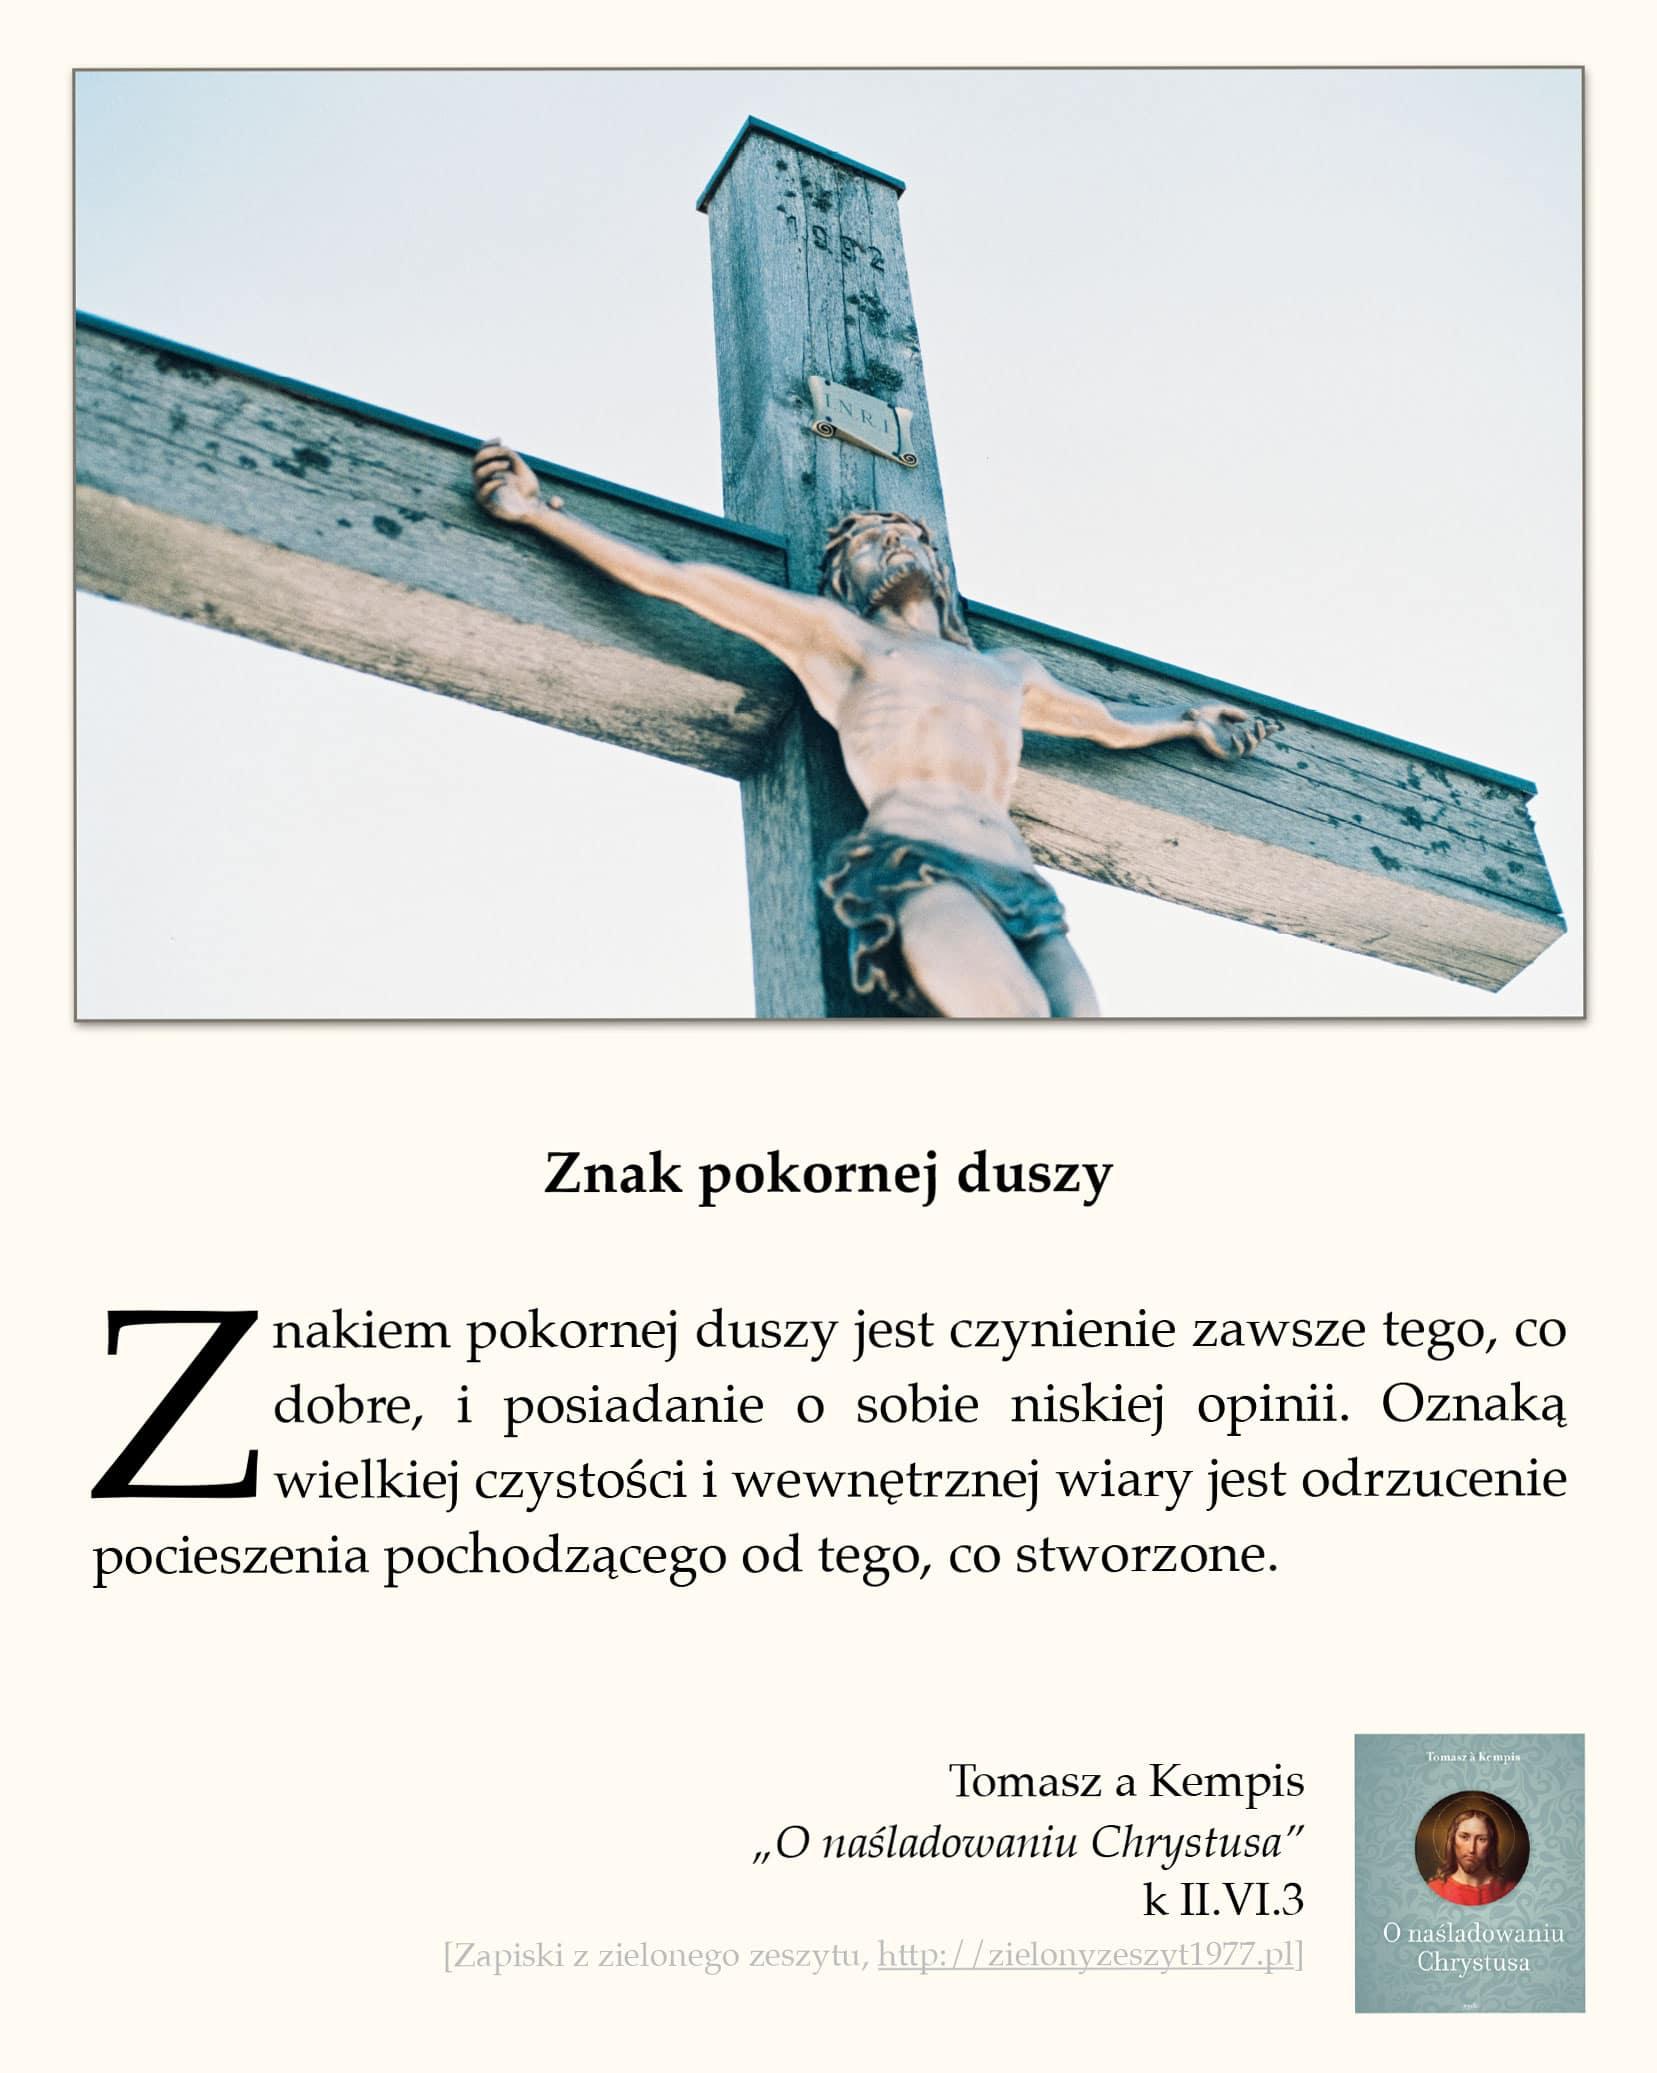 """Tomasz a Kempis, """"O naśladowaniu Chrystusa"""", k II.VI.3 (Znak pokornej duszy)"""